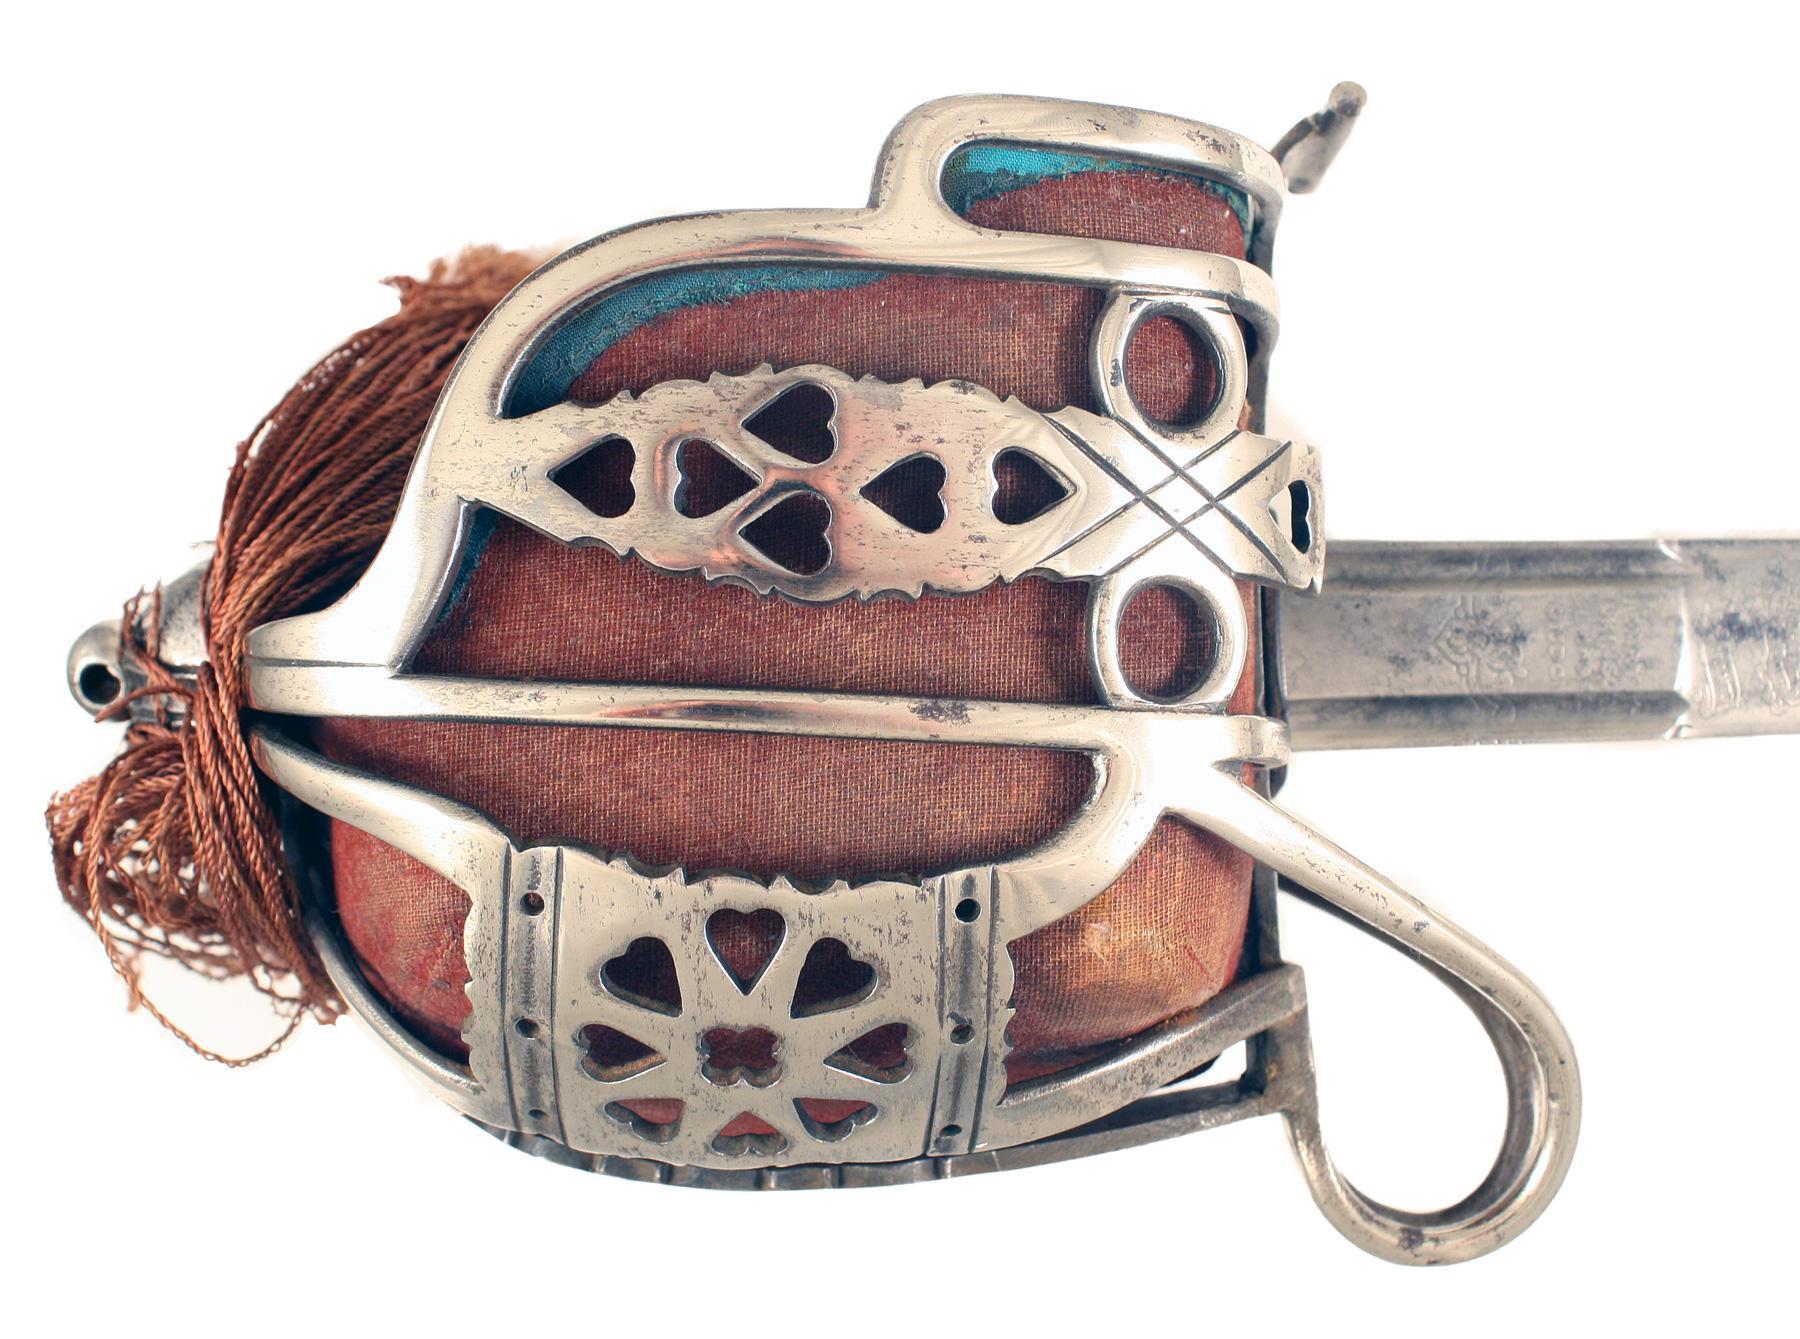 A Basket Hilted Sword